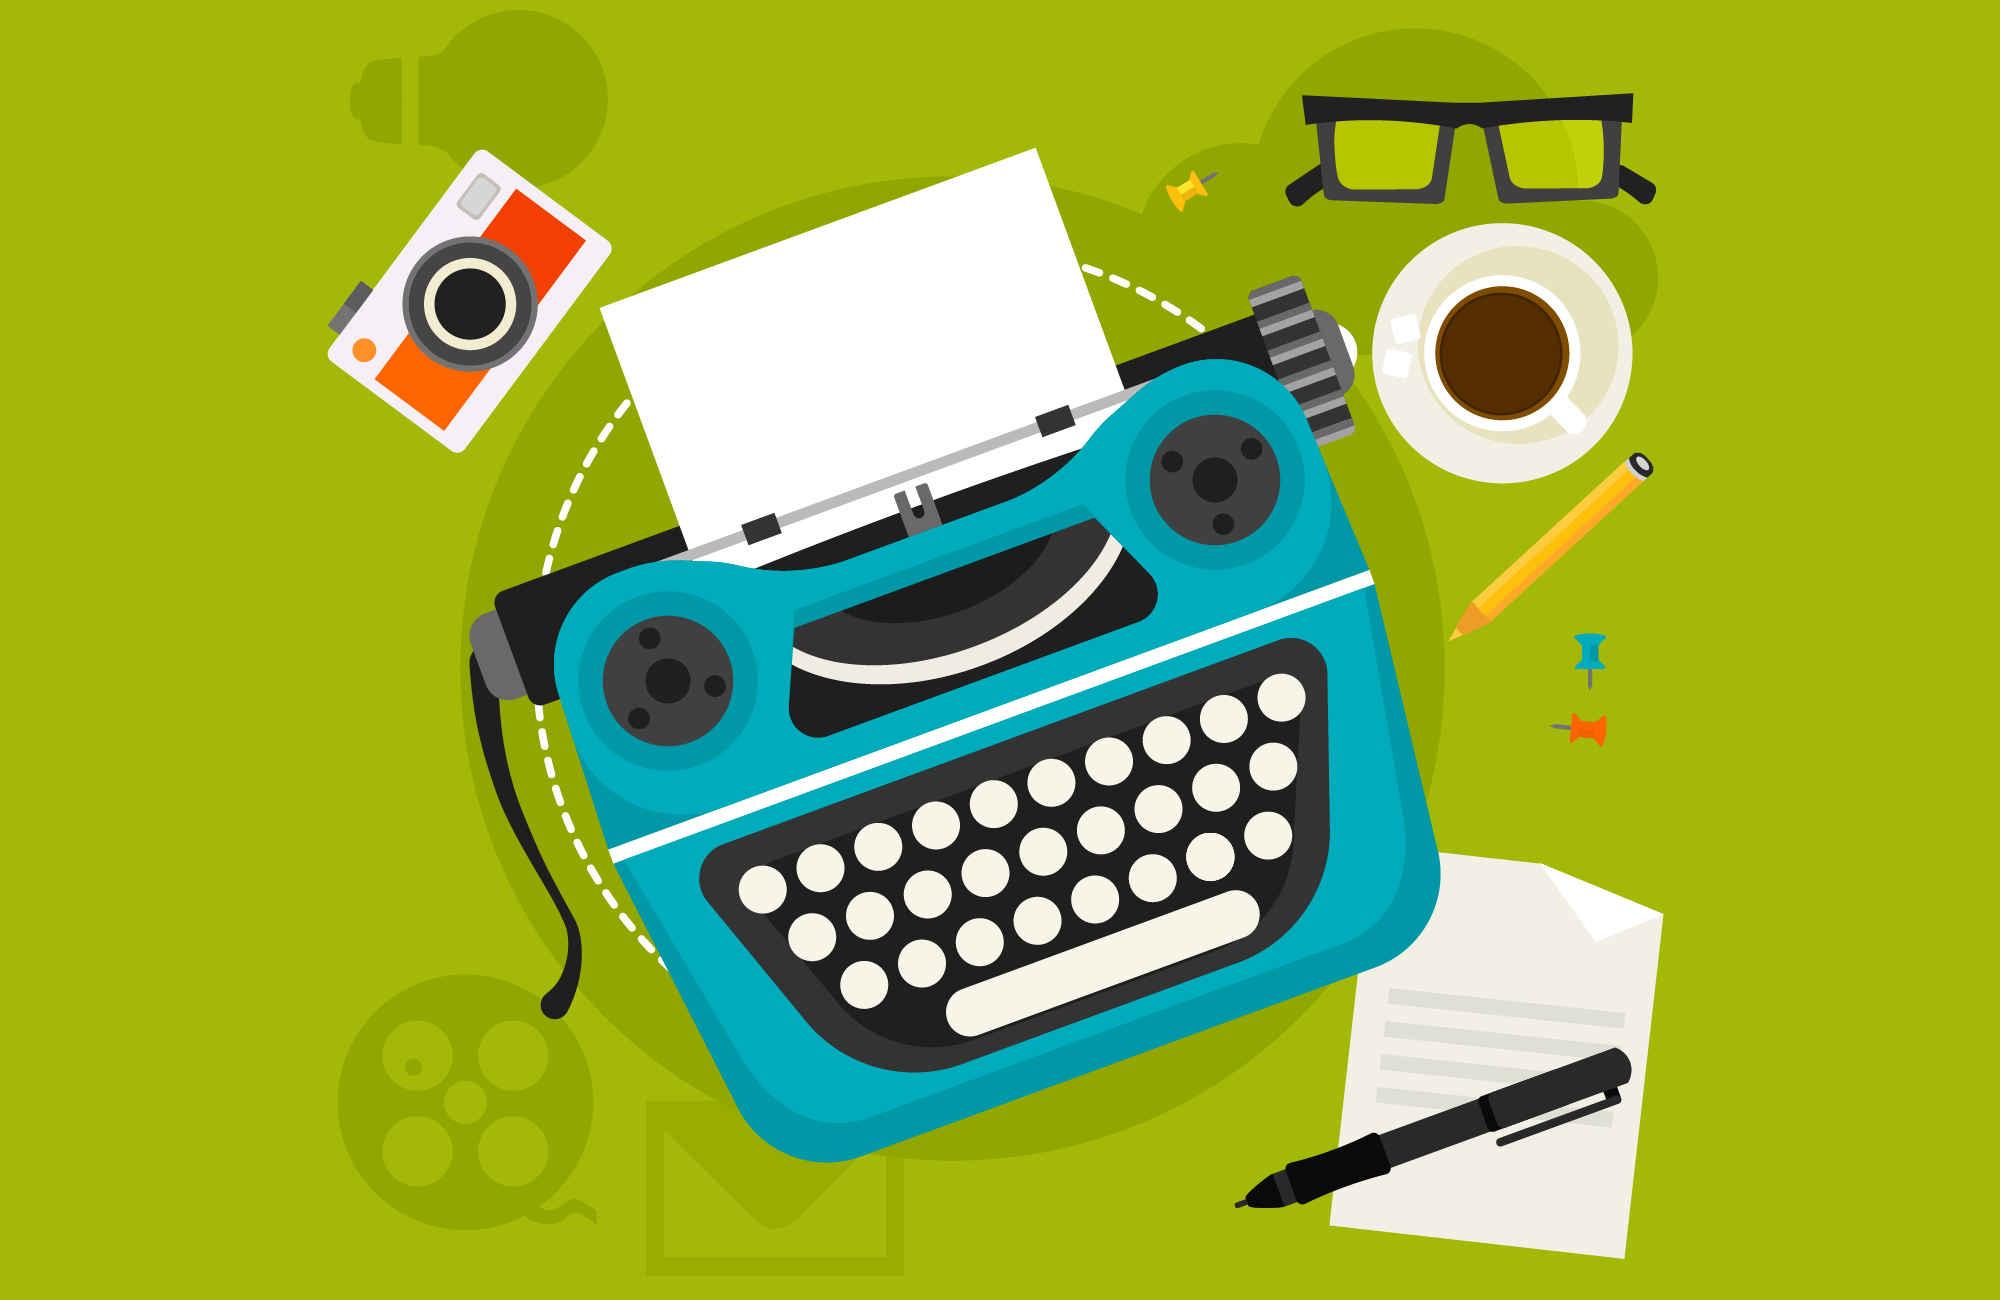 jak napisać ogłoszenie i ofertęjak napisać ogłoszenie i ofertę